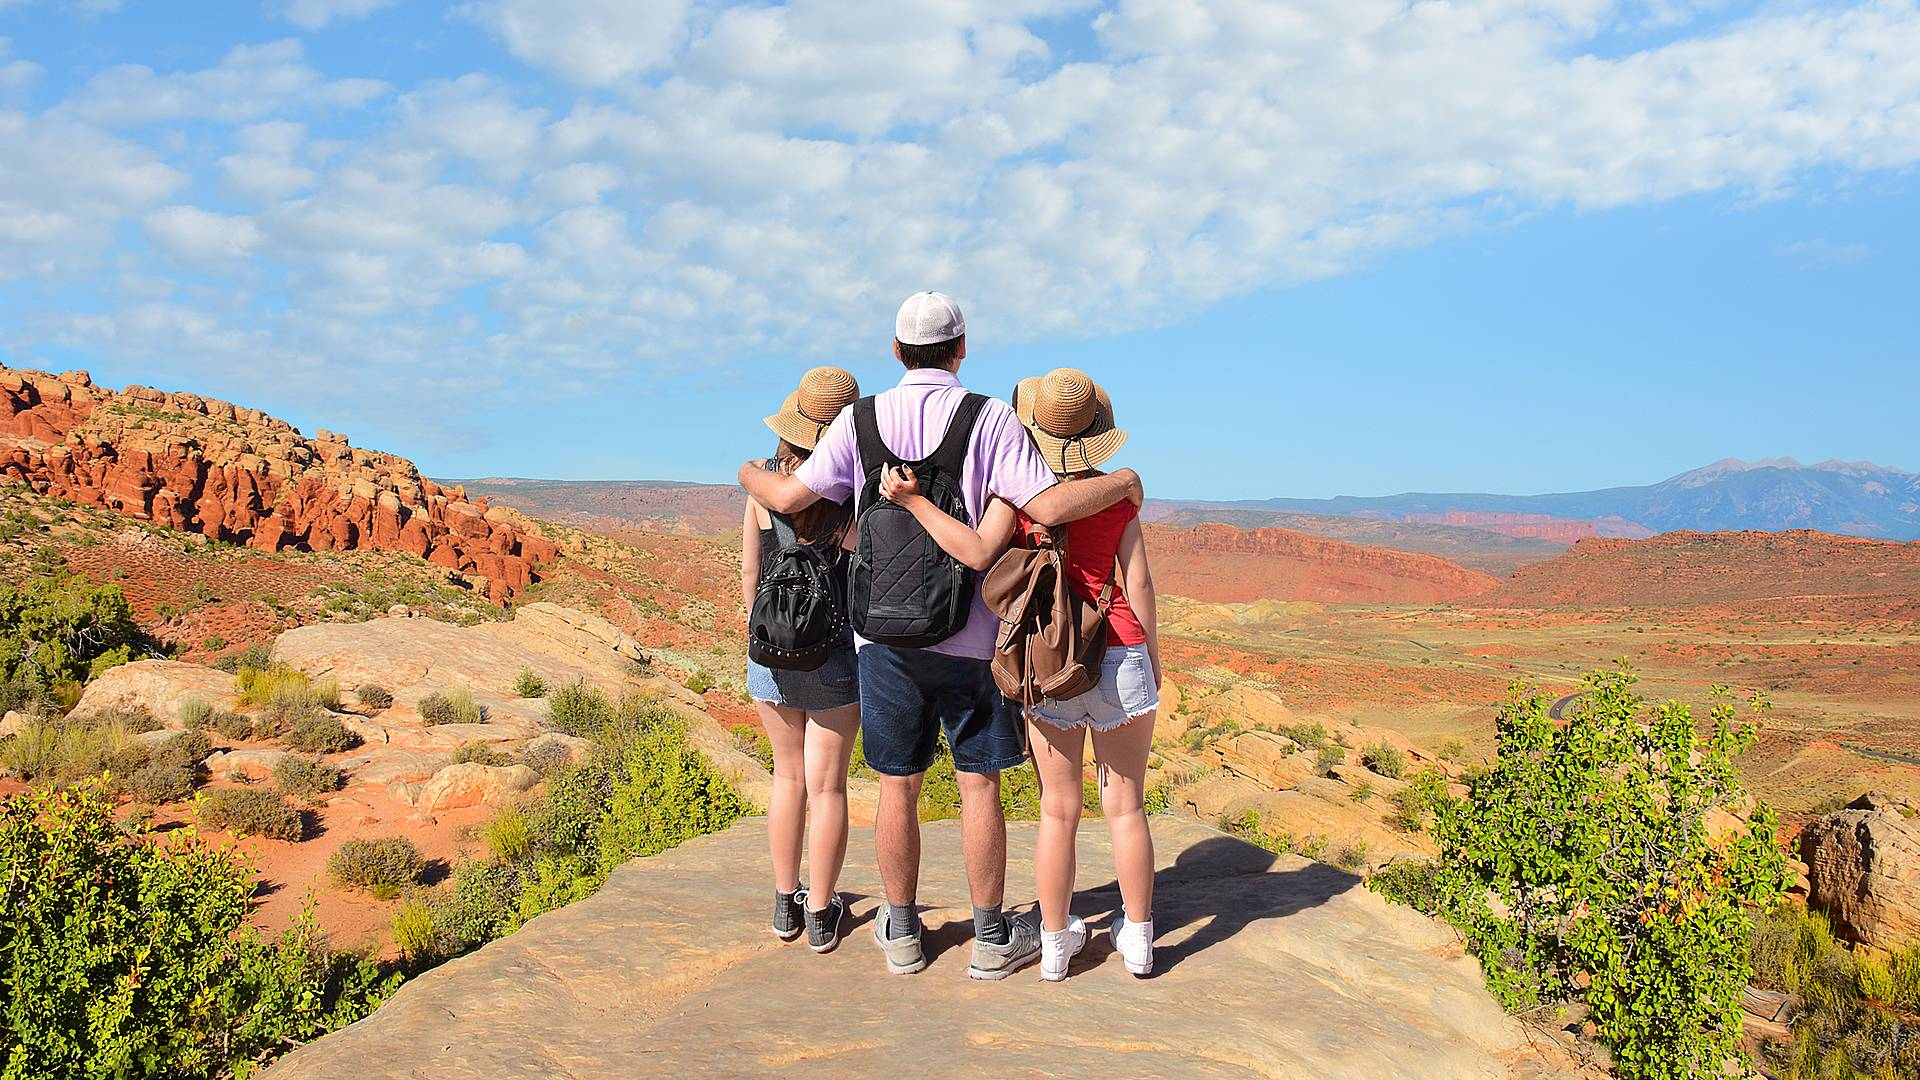 Avventura in famiglia: alla scoperta del deserto